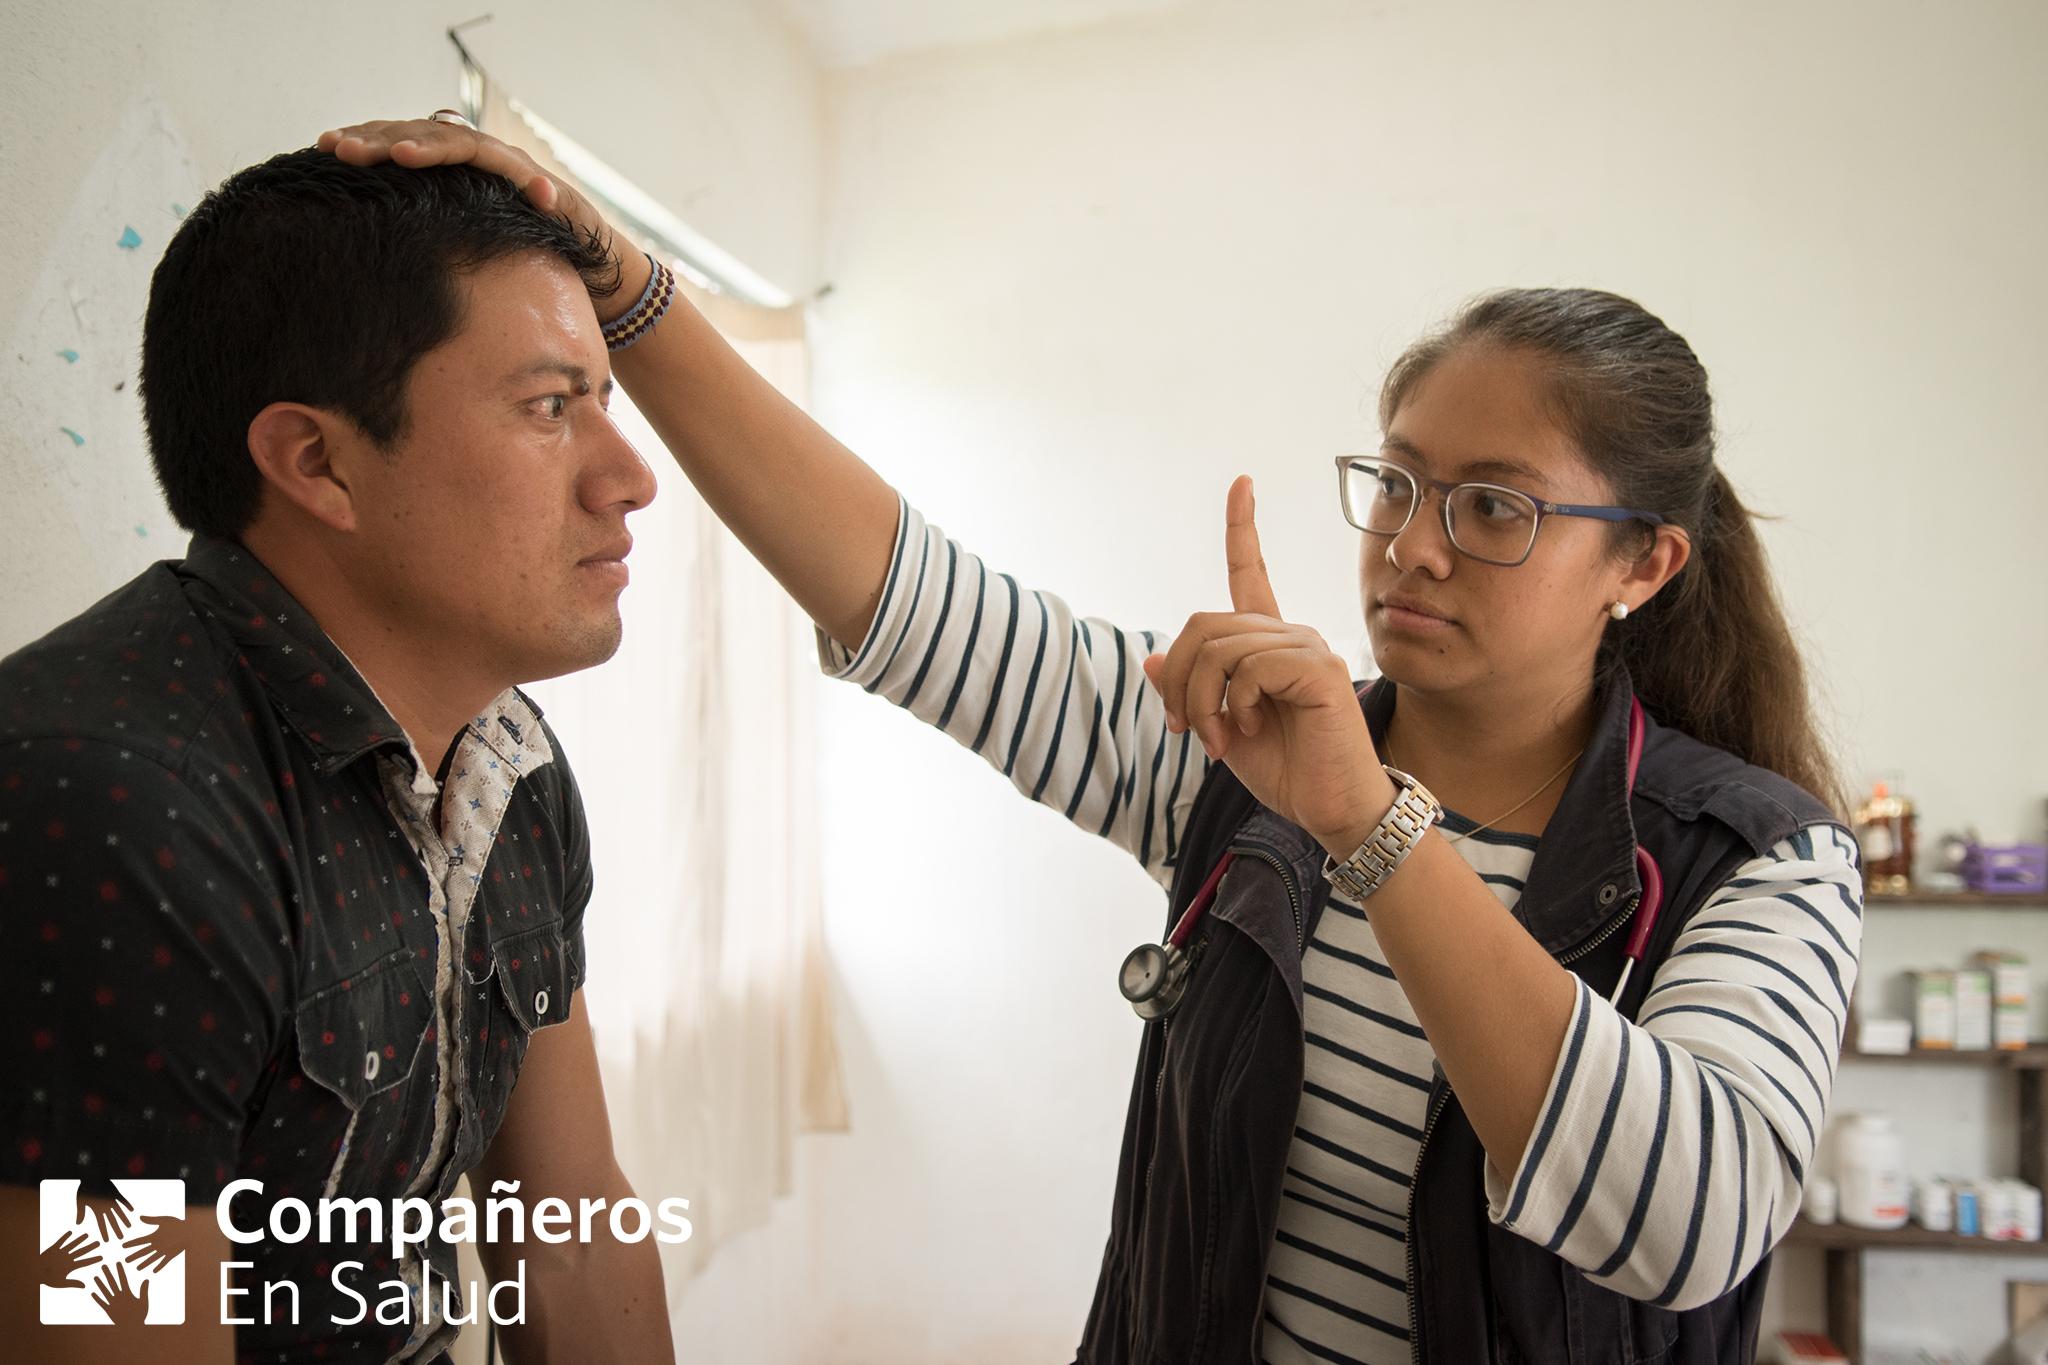 La Dra. Ariwame Reynoso revisa a Timoteo durante un chequeo en la comunidad de La Soledad. Después de obtener atención oftalmológica en la Ciudad de México a través del programa de Derecho a la Salud de CES, Timoteo no ha experimentado síntomas de amaurosis fugaz por casi un año.